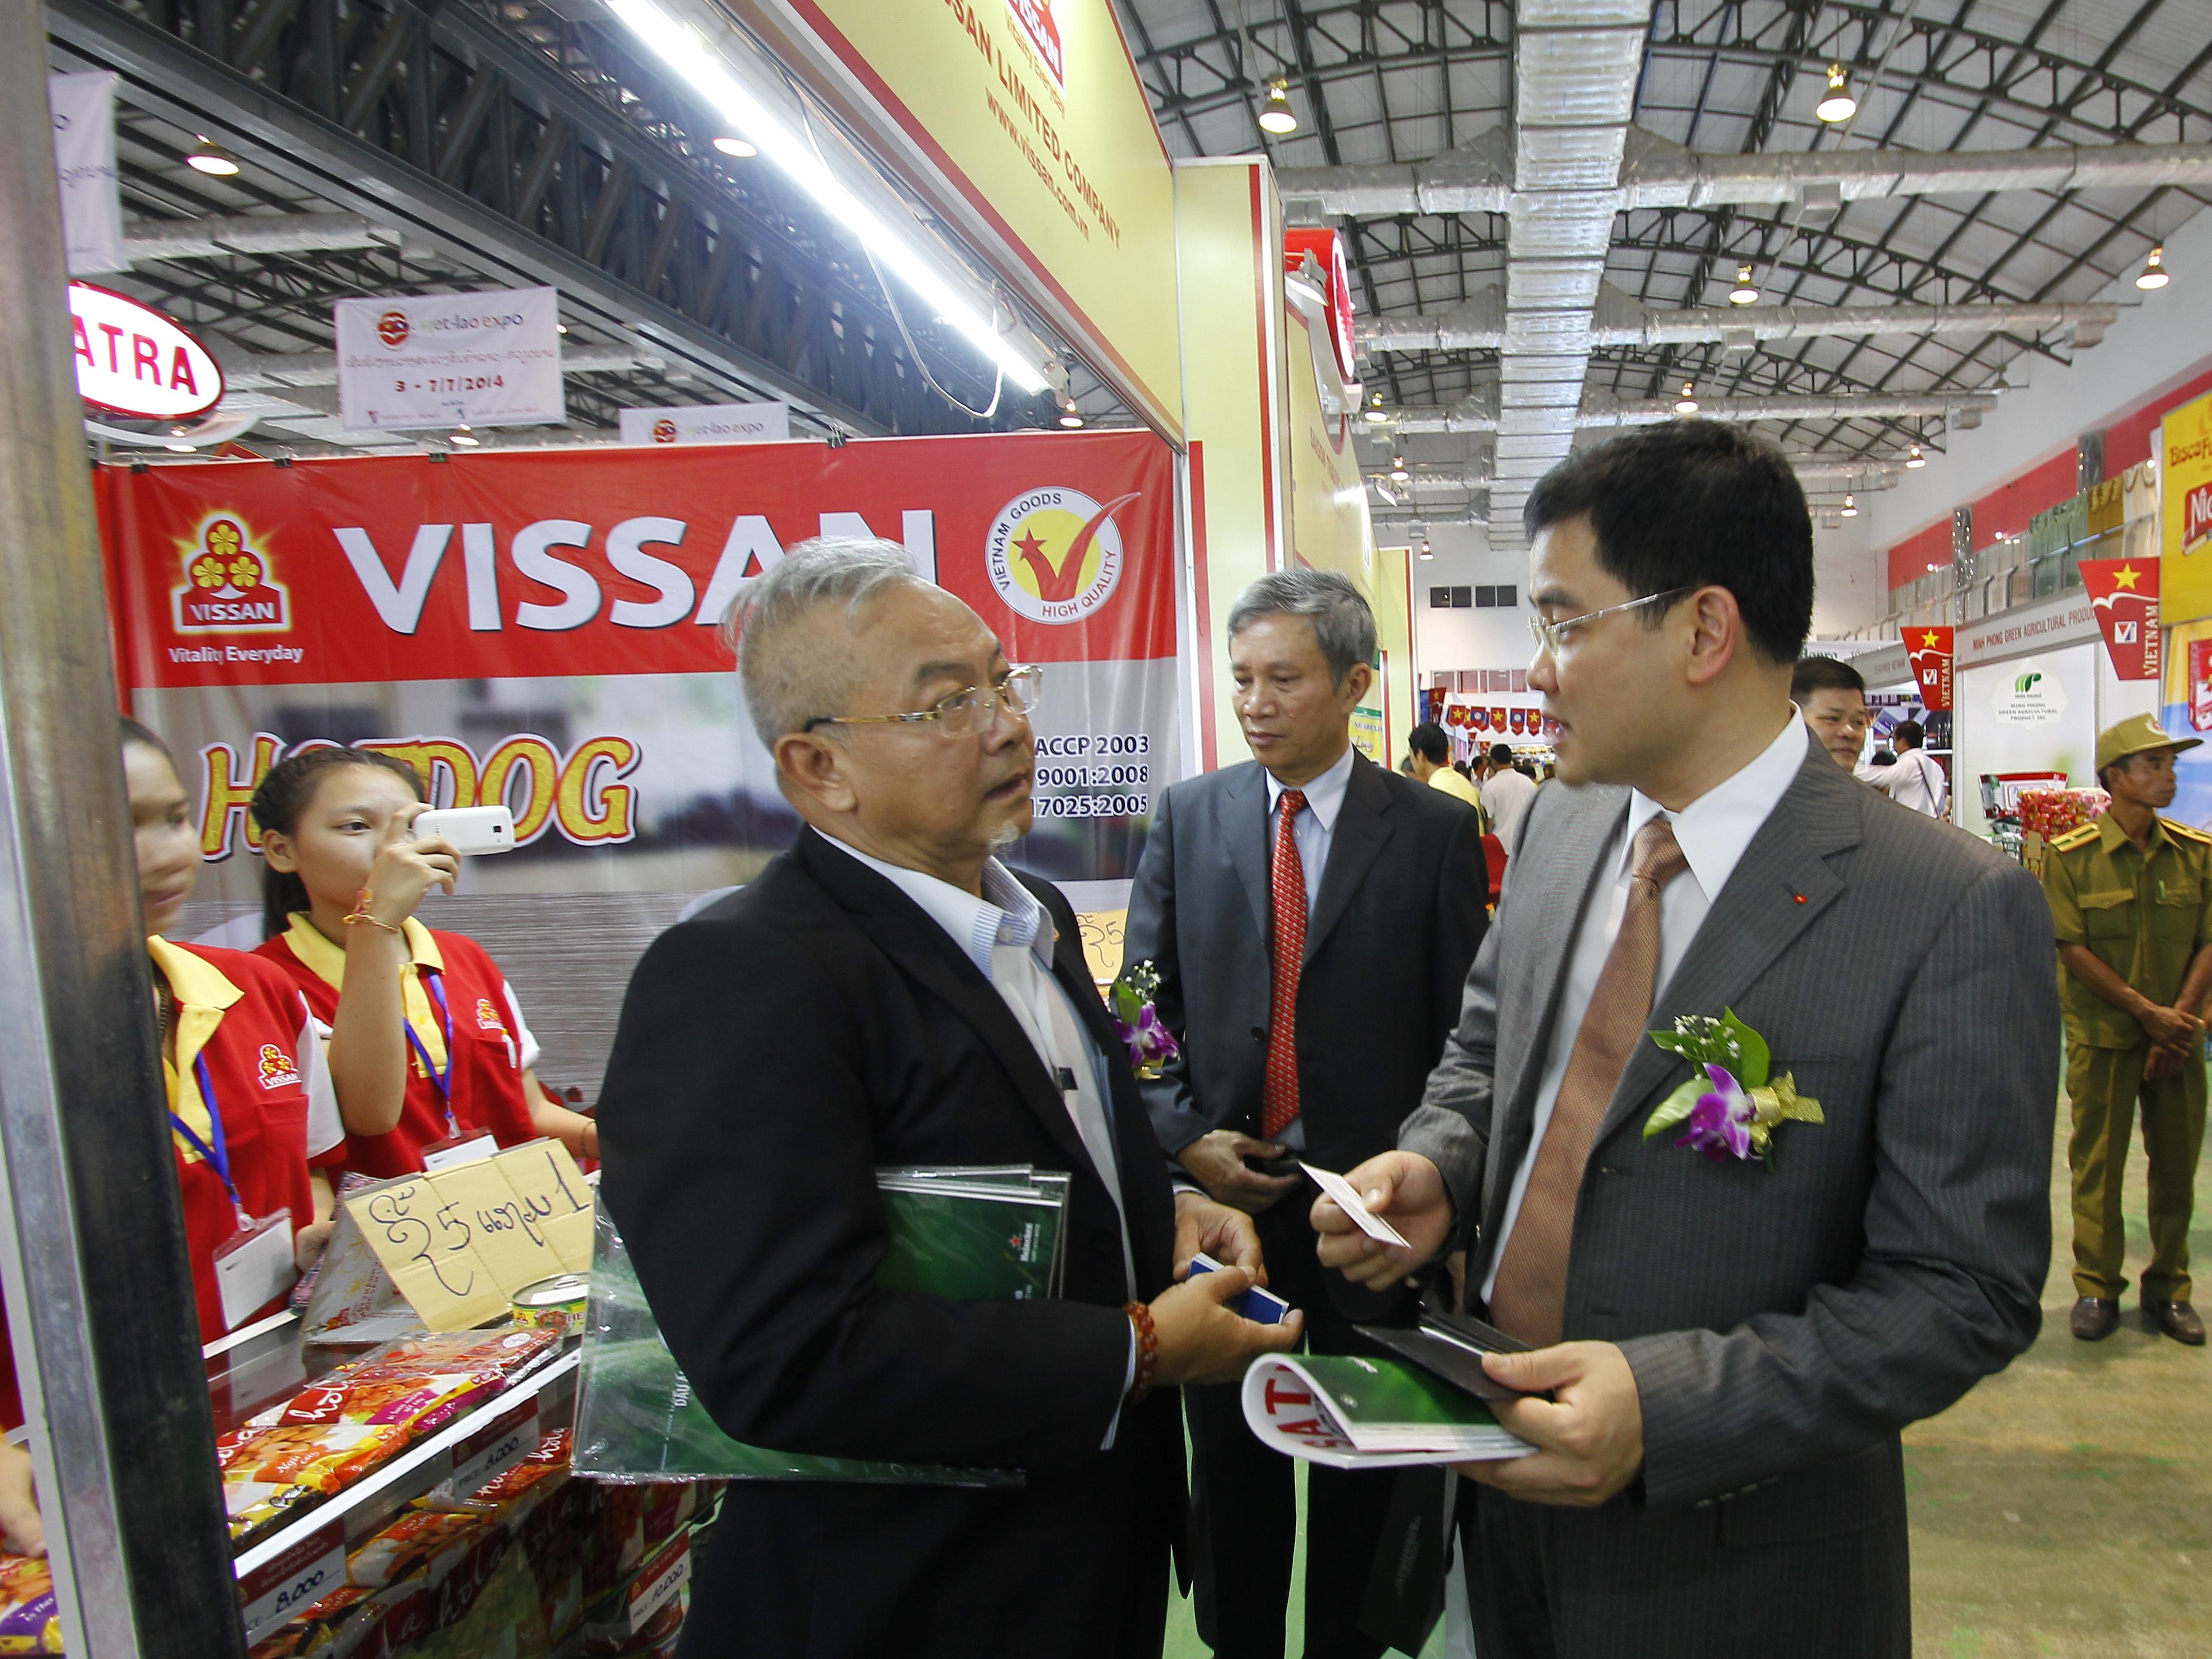 Ông Trần Thành Nam- Phó Tổng Giám đốc SATRA trước gian hàng  đơn vị thành viên VISSAN tại hội chợ EXPO Lào 2014